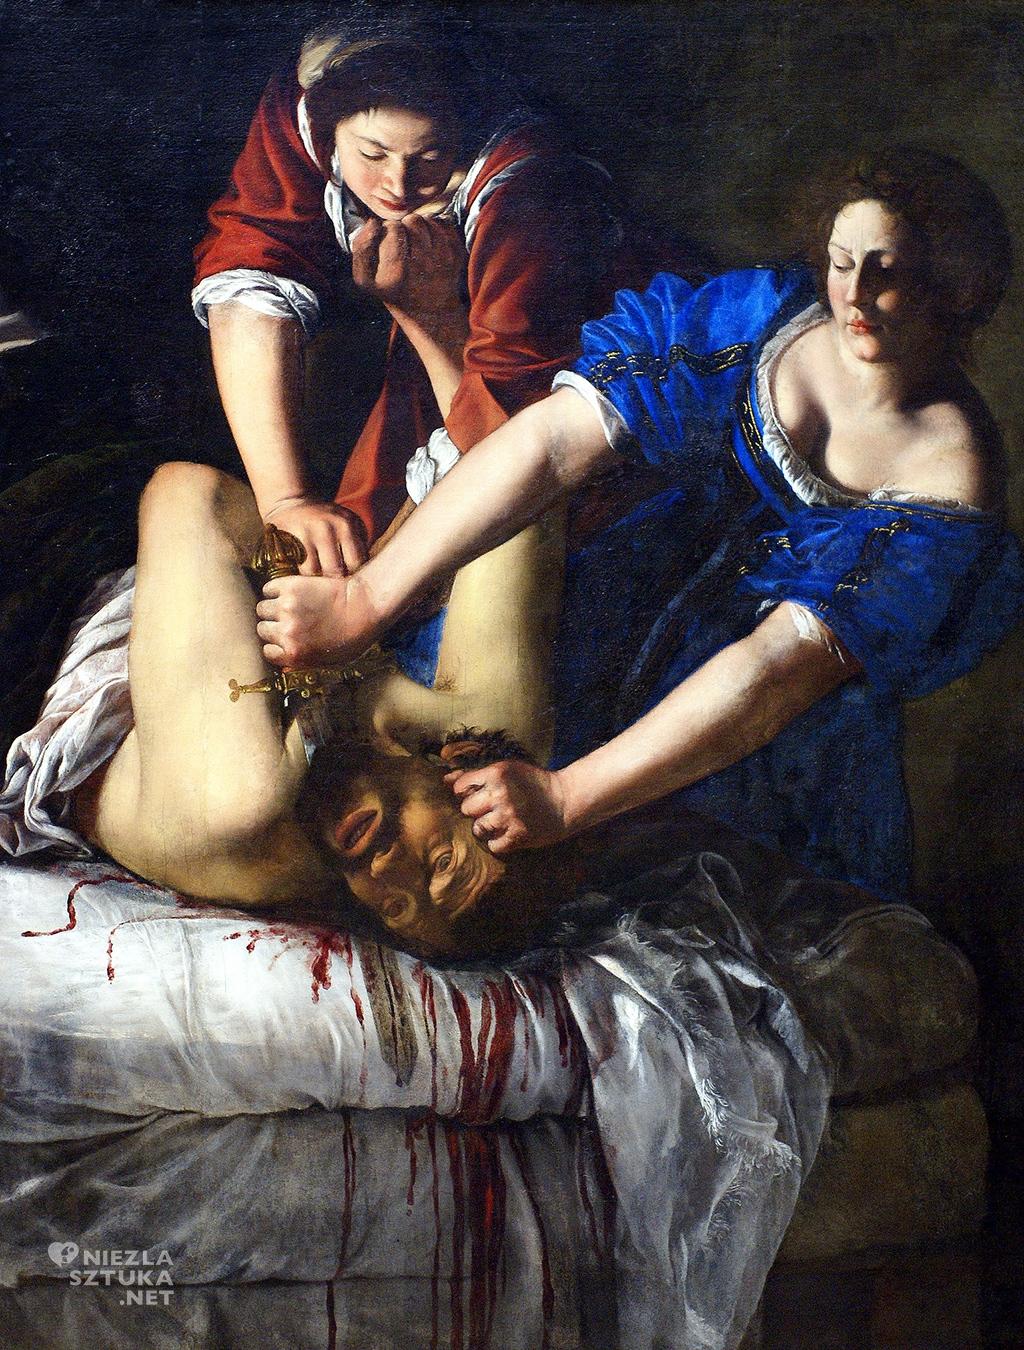 Artemizja Gentileschi <em>Judyta odcinająca głowę Holofernesowi</em> |1612, <br> olej na płótnie 159 × 126 cm, Museo di Capolodimonte, Neapol